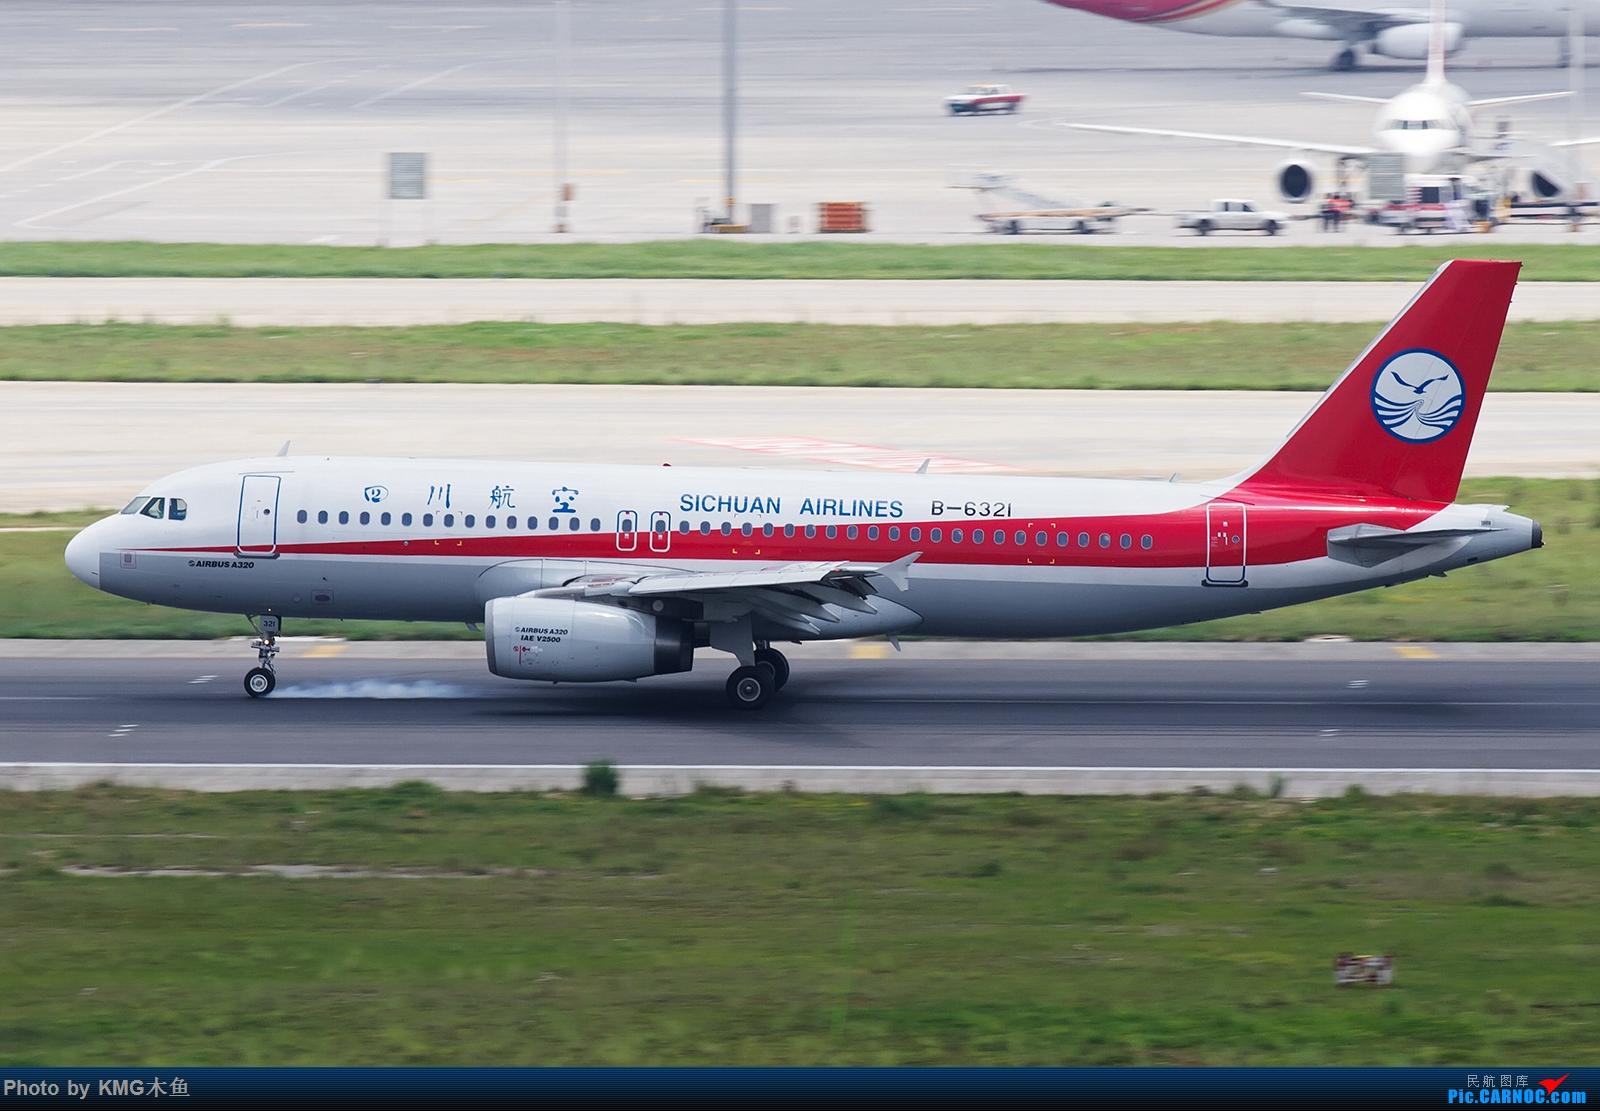 Re:[原创]【昆明长水国际机场——KMG木鱼拍机】第一次大中午的拍飞机,还好宽体比较多,也算是值得了 AIRBUS A320-200 B-6321 中国昆明长水国际机场